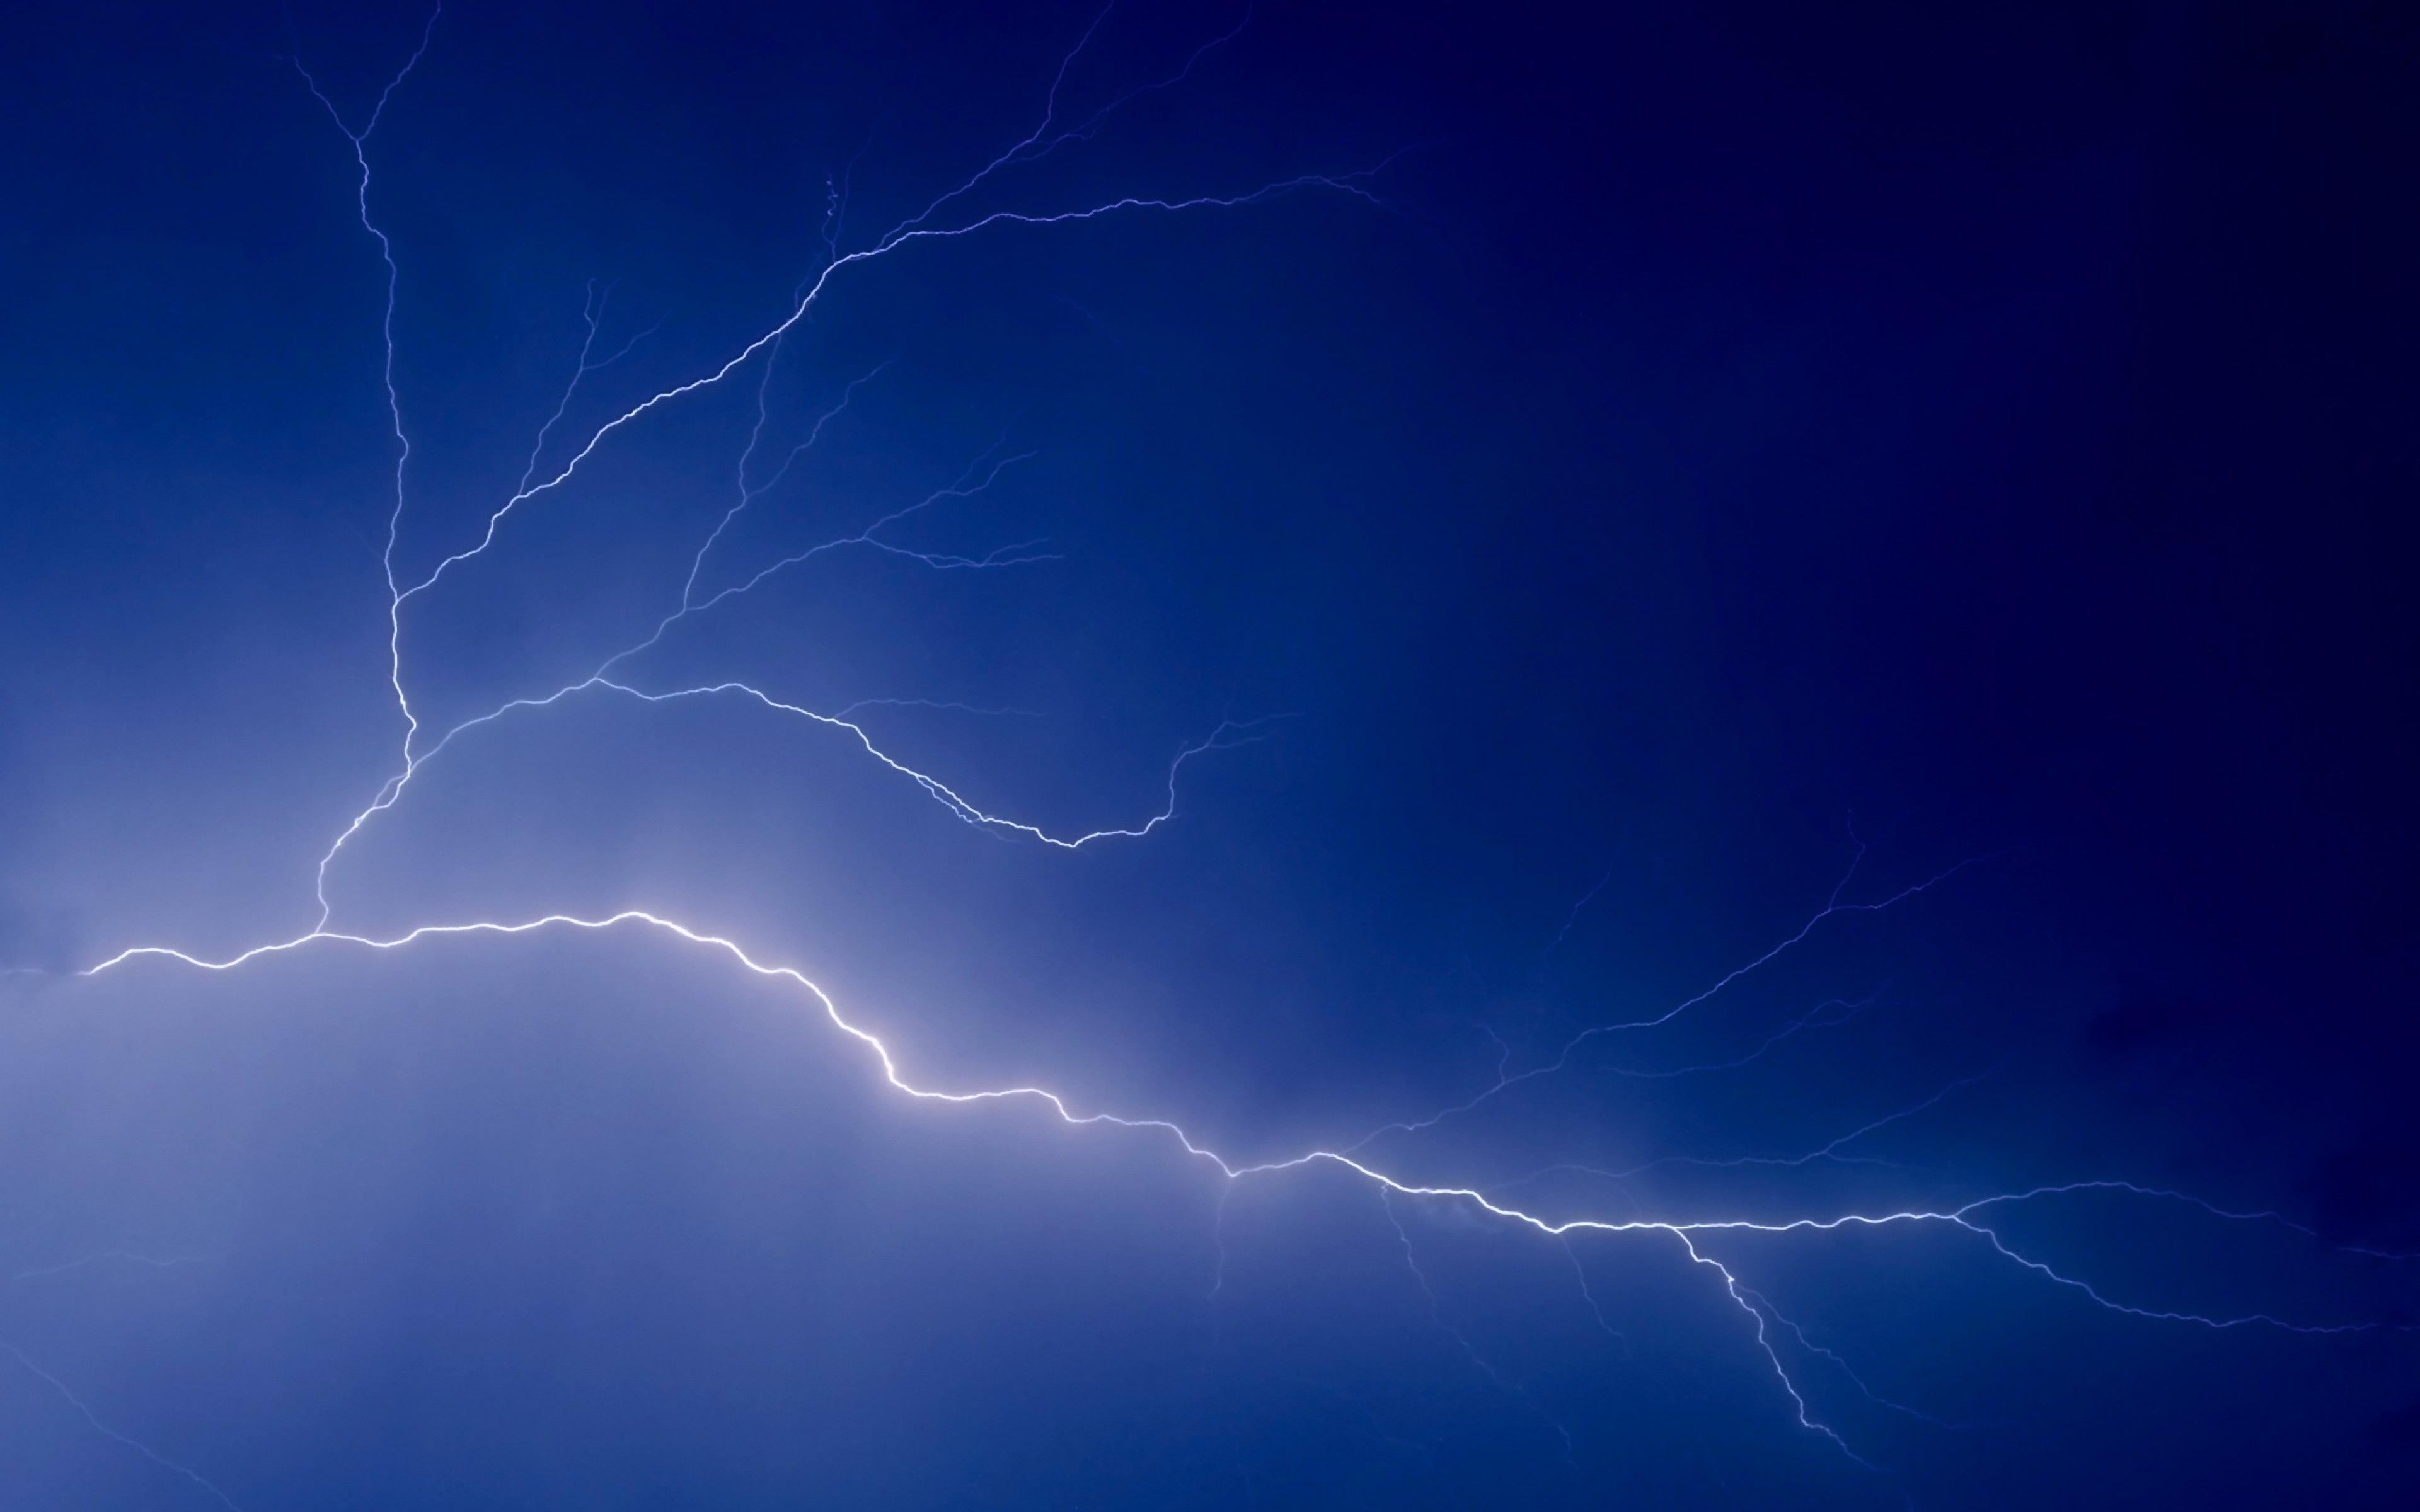 Lightning Full HD